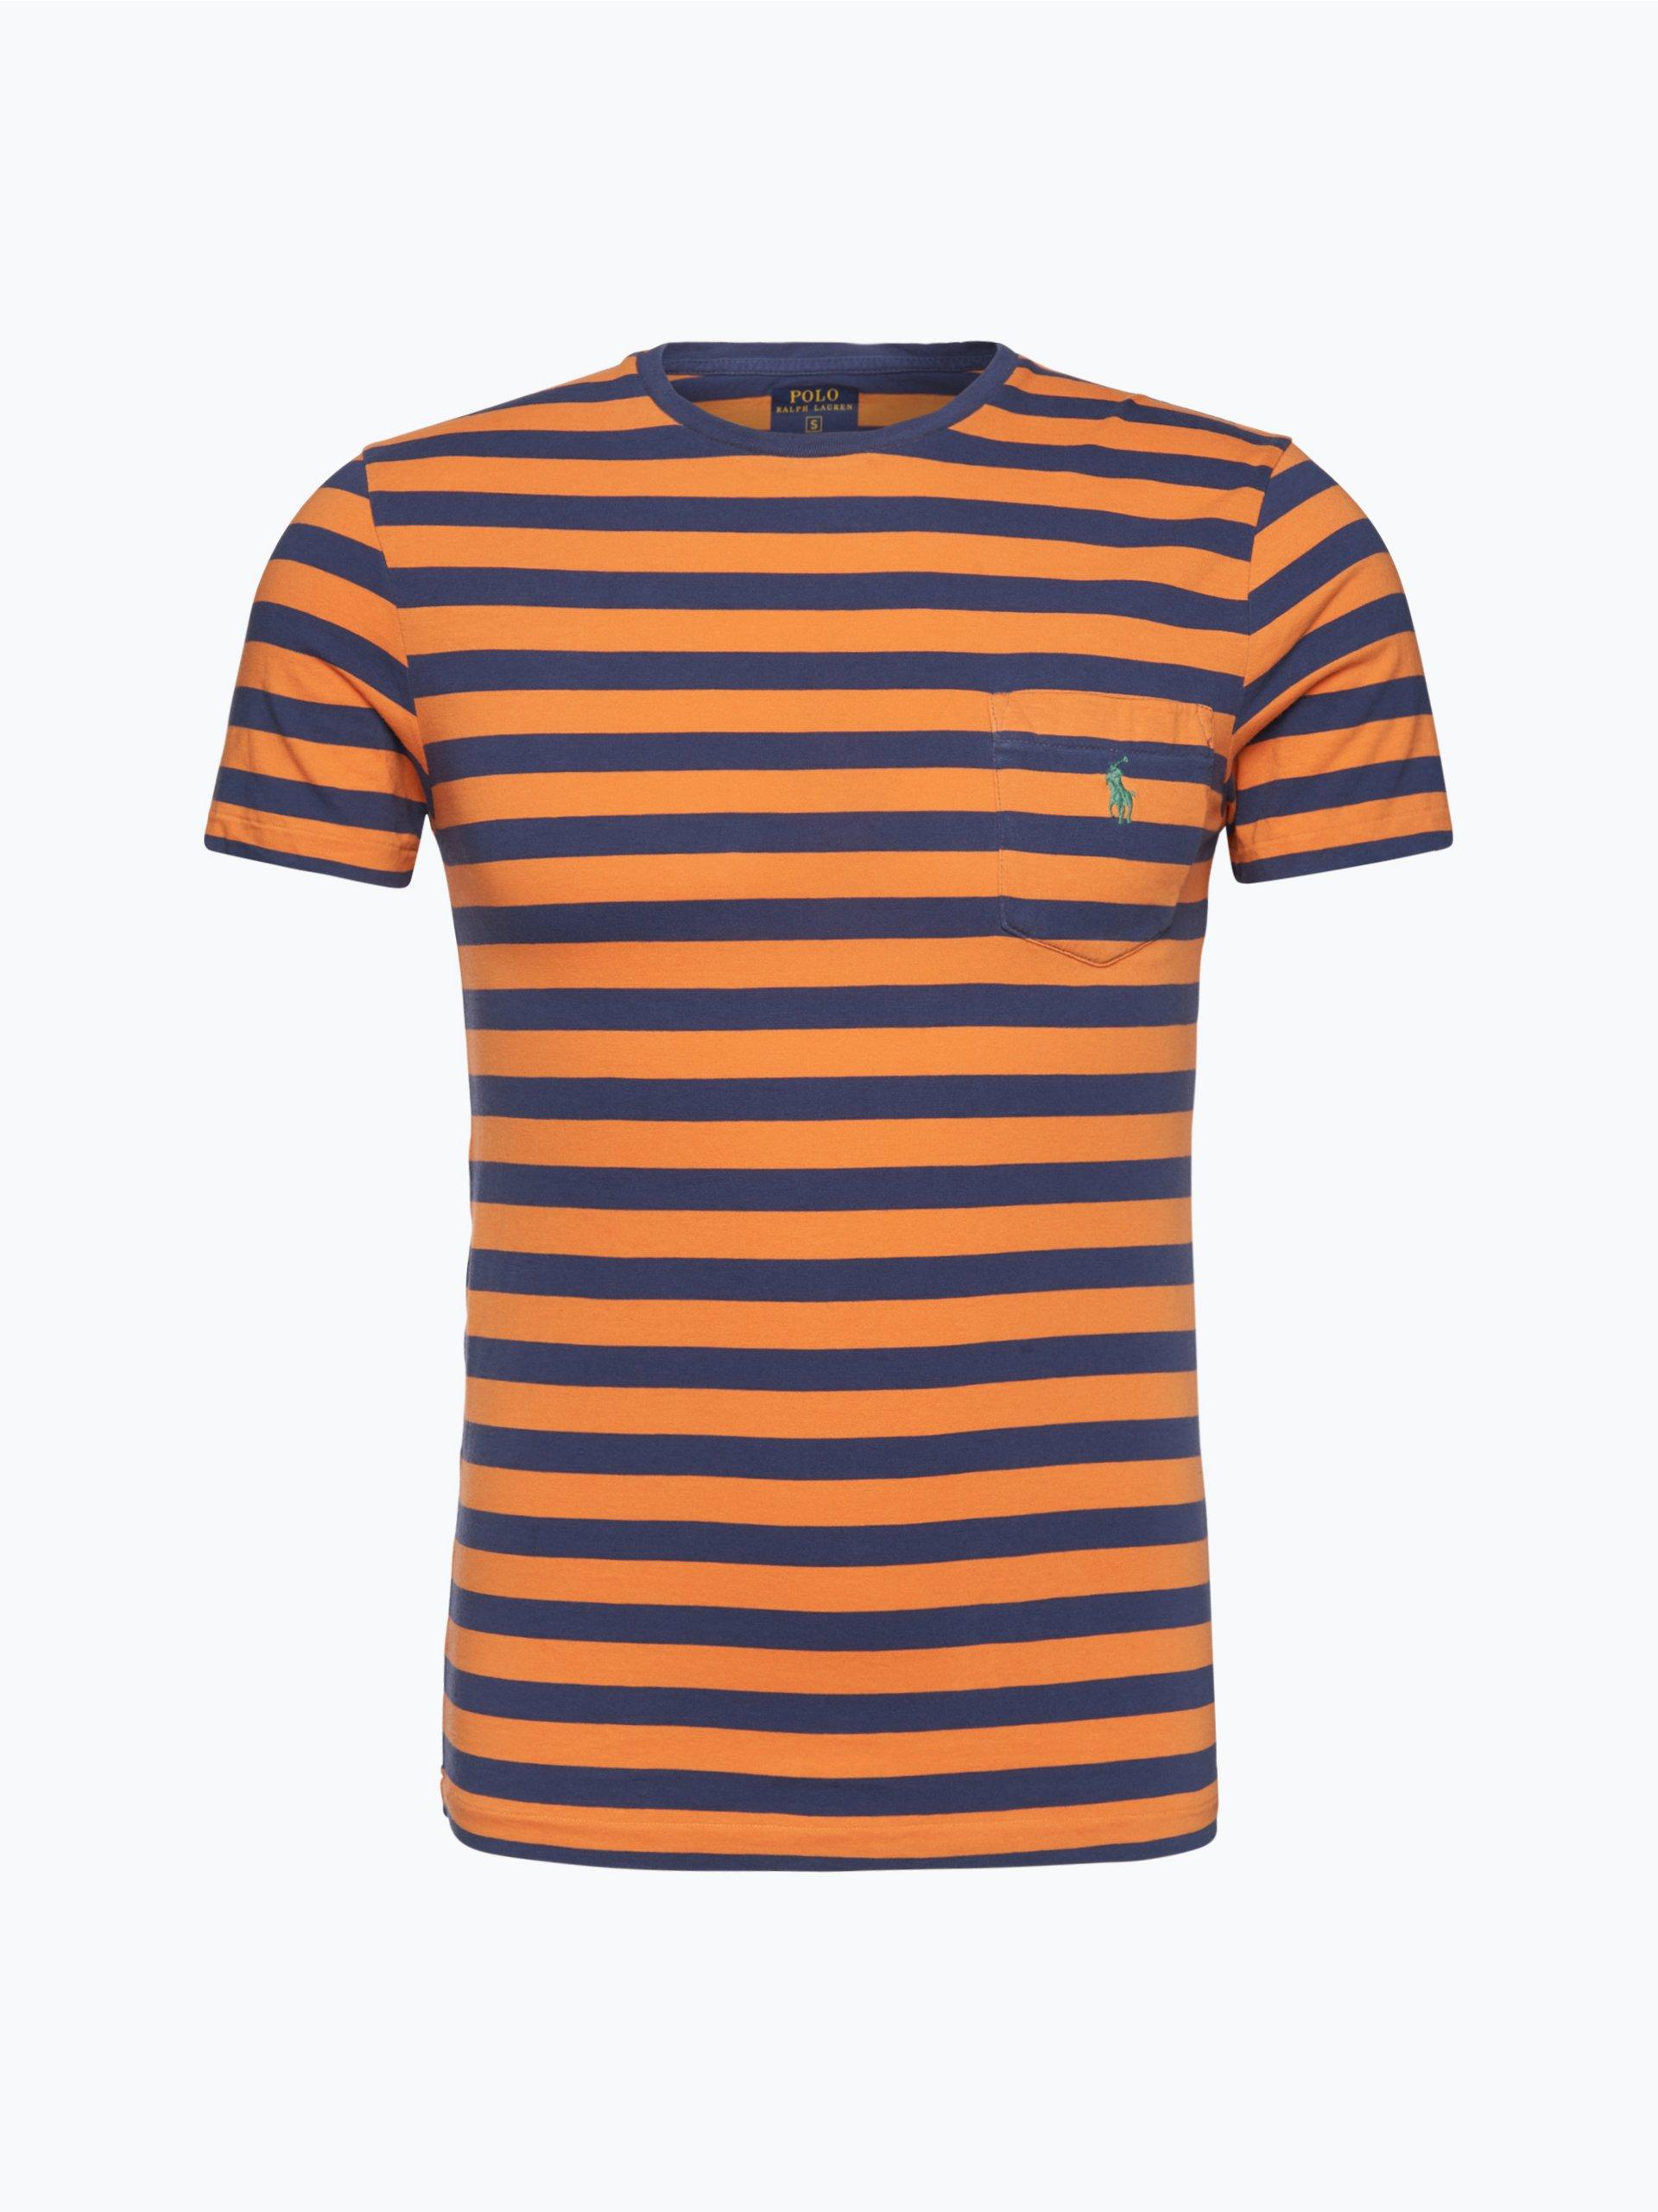 polo ralph lauren herren t shirt orange gestreift online kaufen vangraaf com. Black Bedroom Furniture Sets. Home Design Ideas